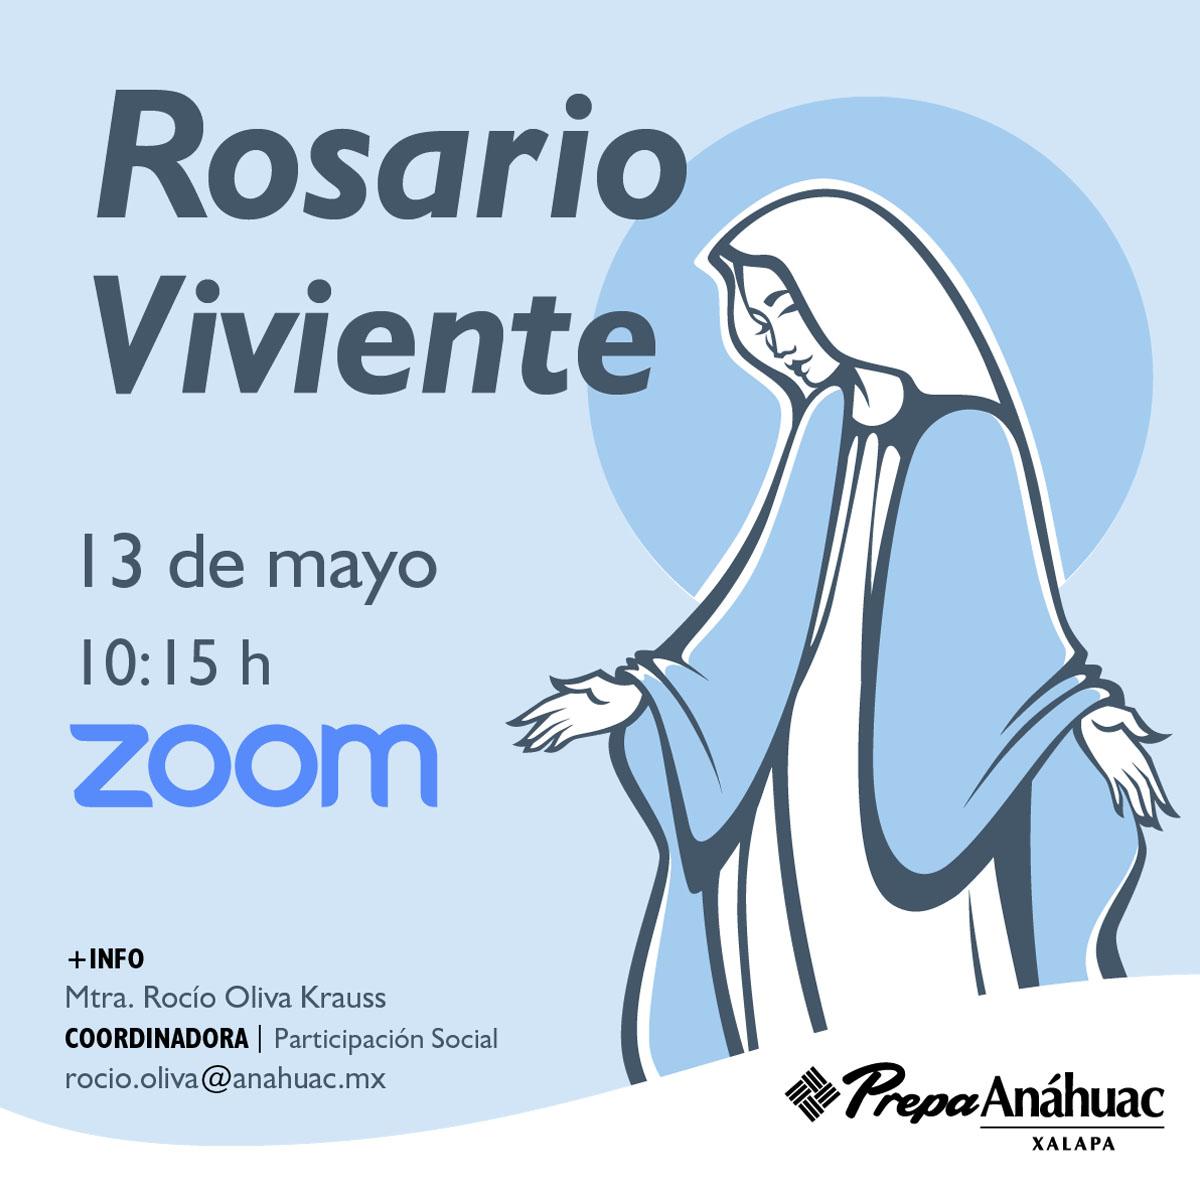 Rosario Viviente